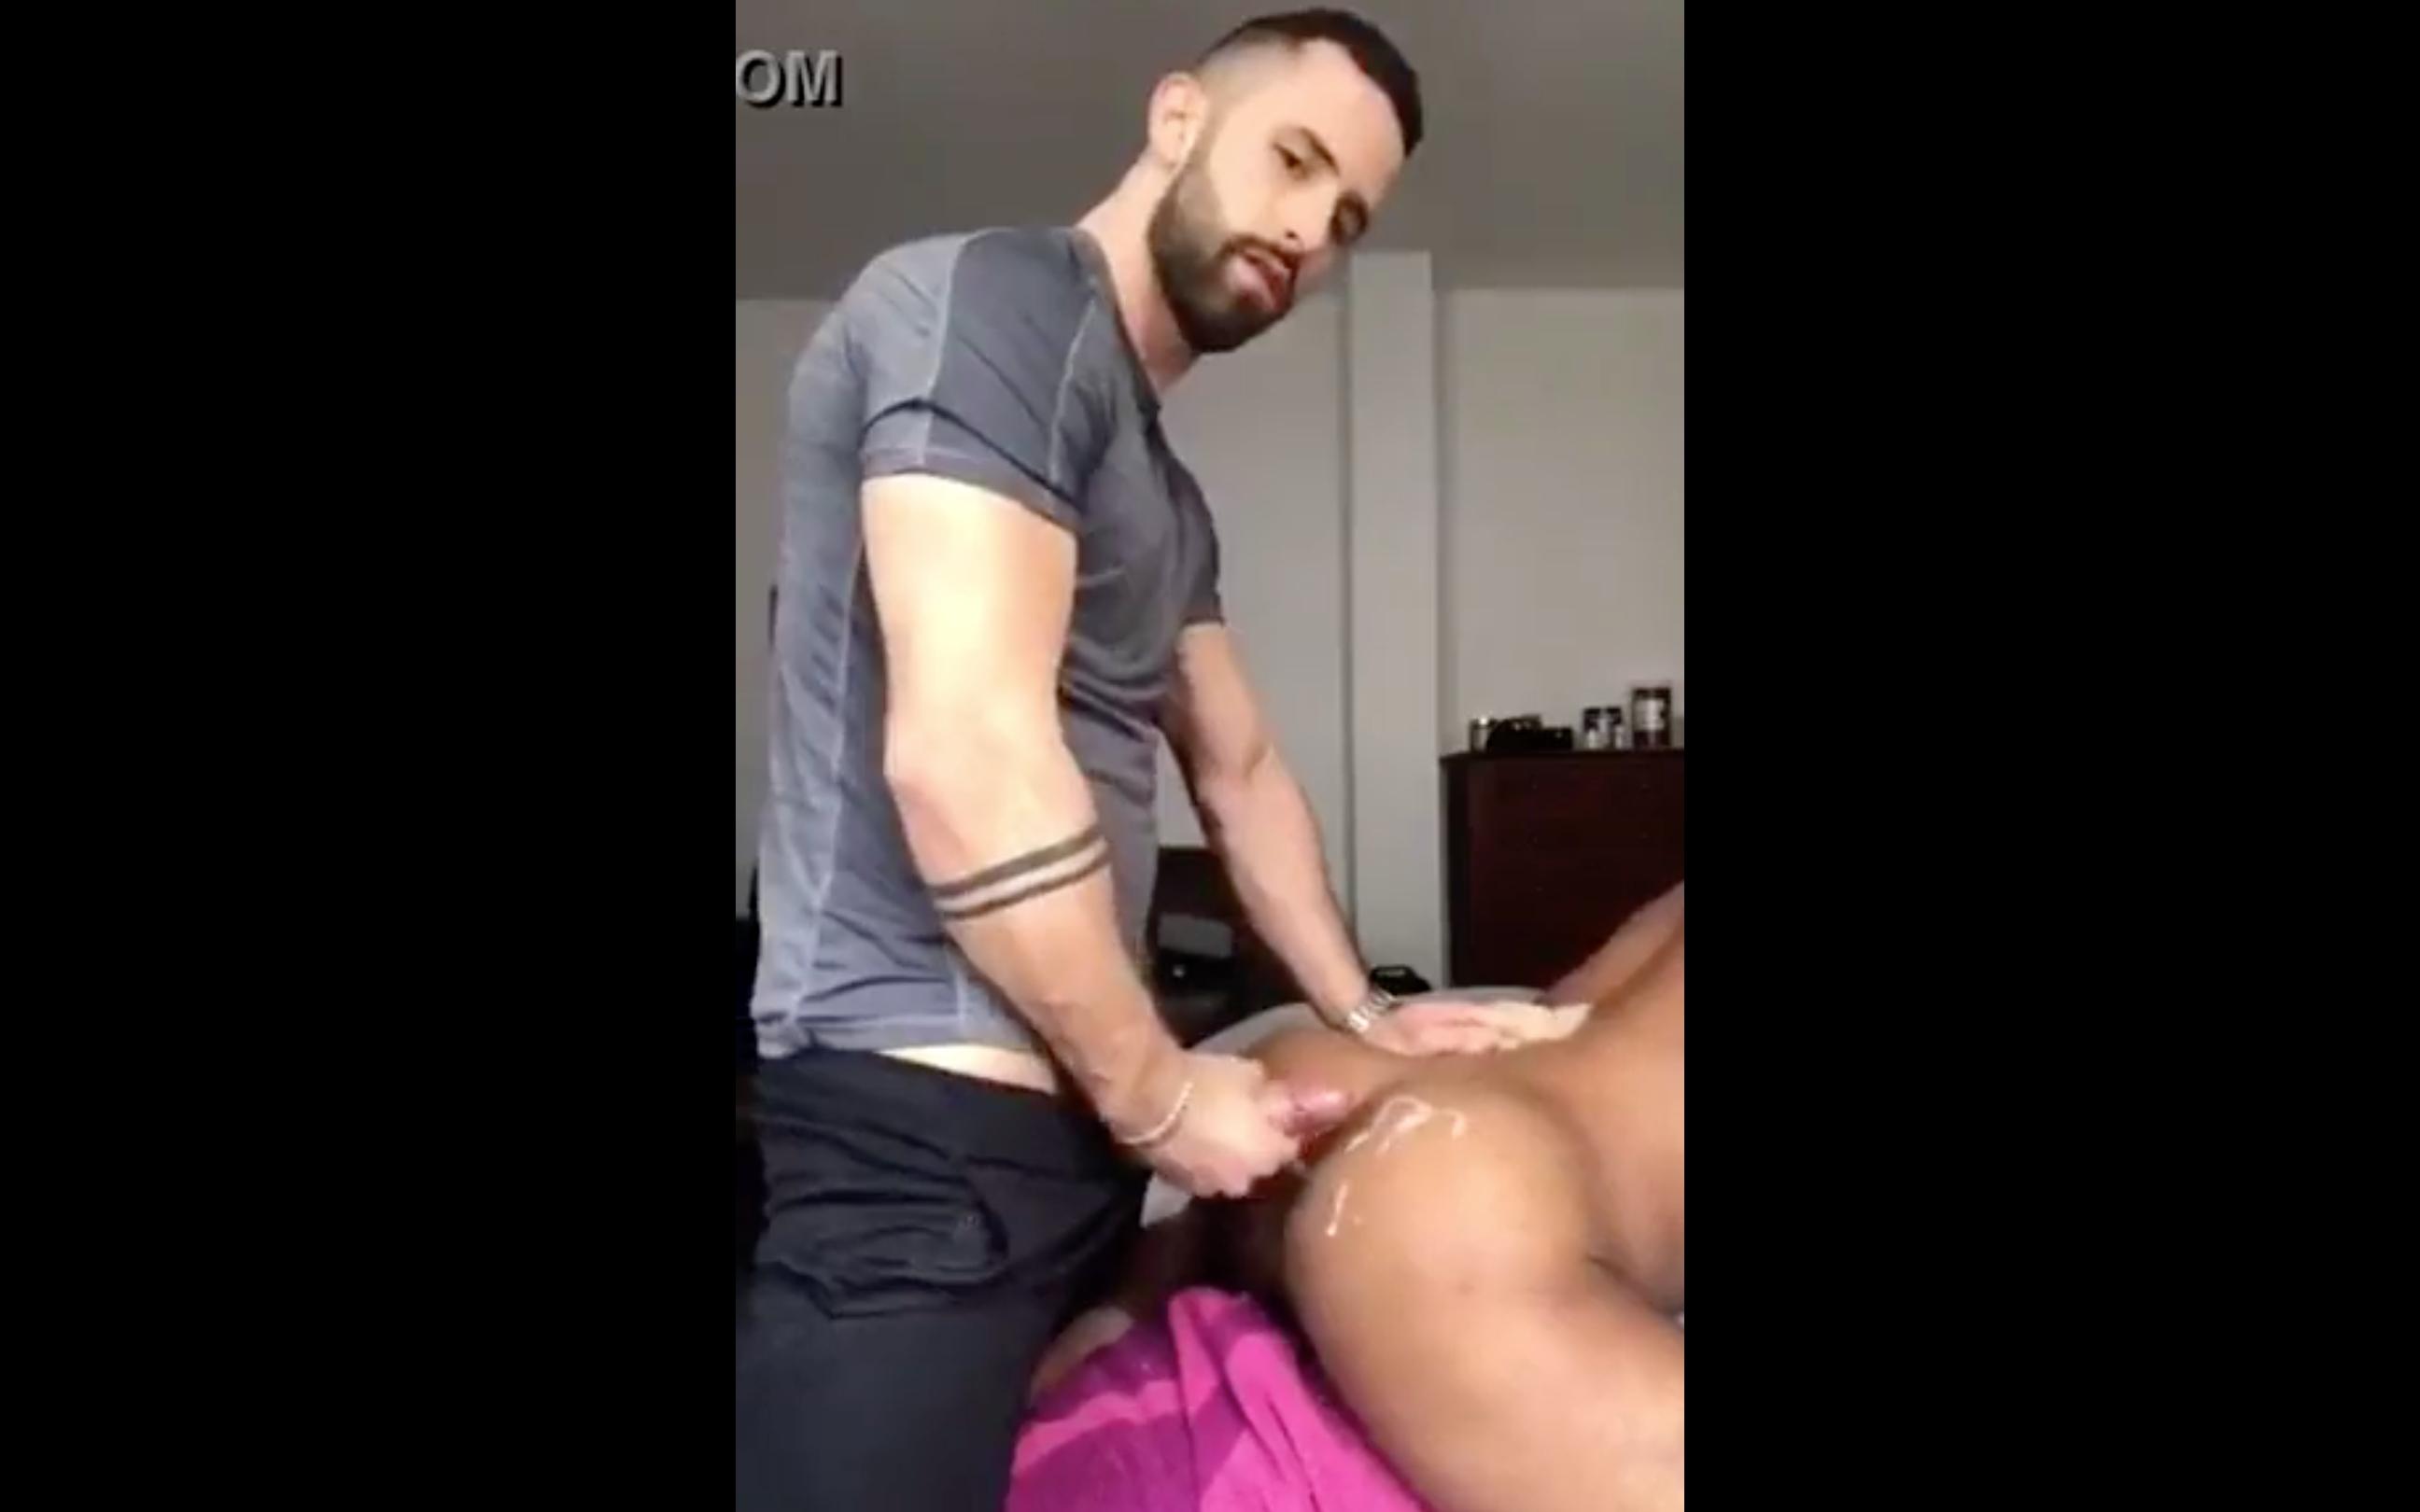 Amigo Hétero, Negro, Sexo Gay, Sexo Gay Interracial